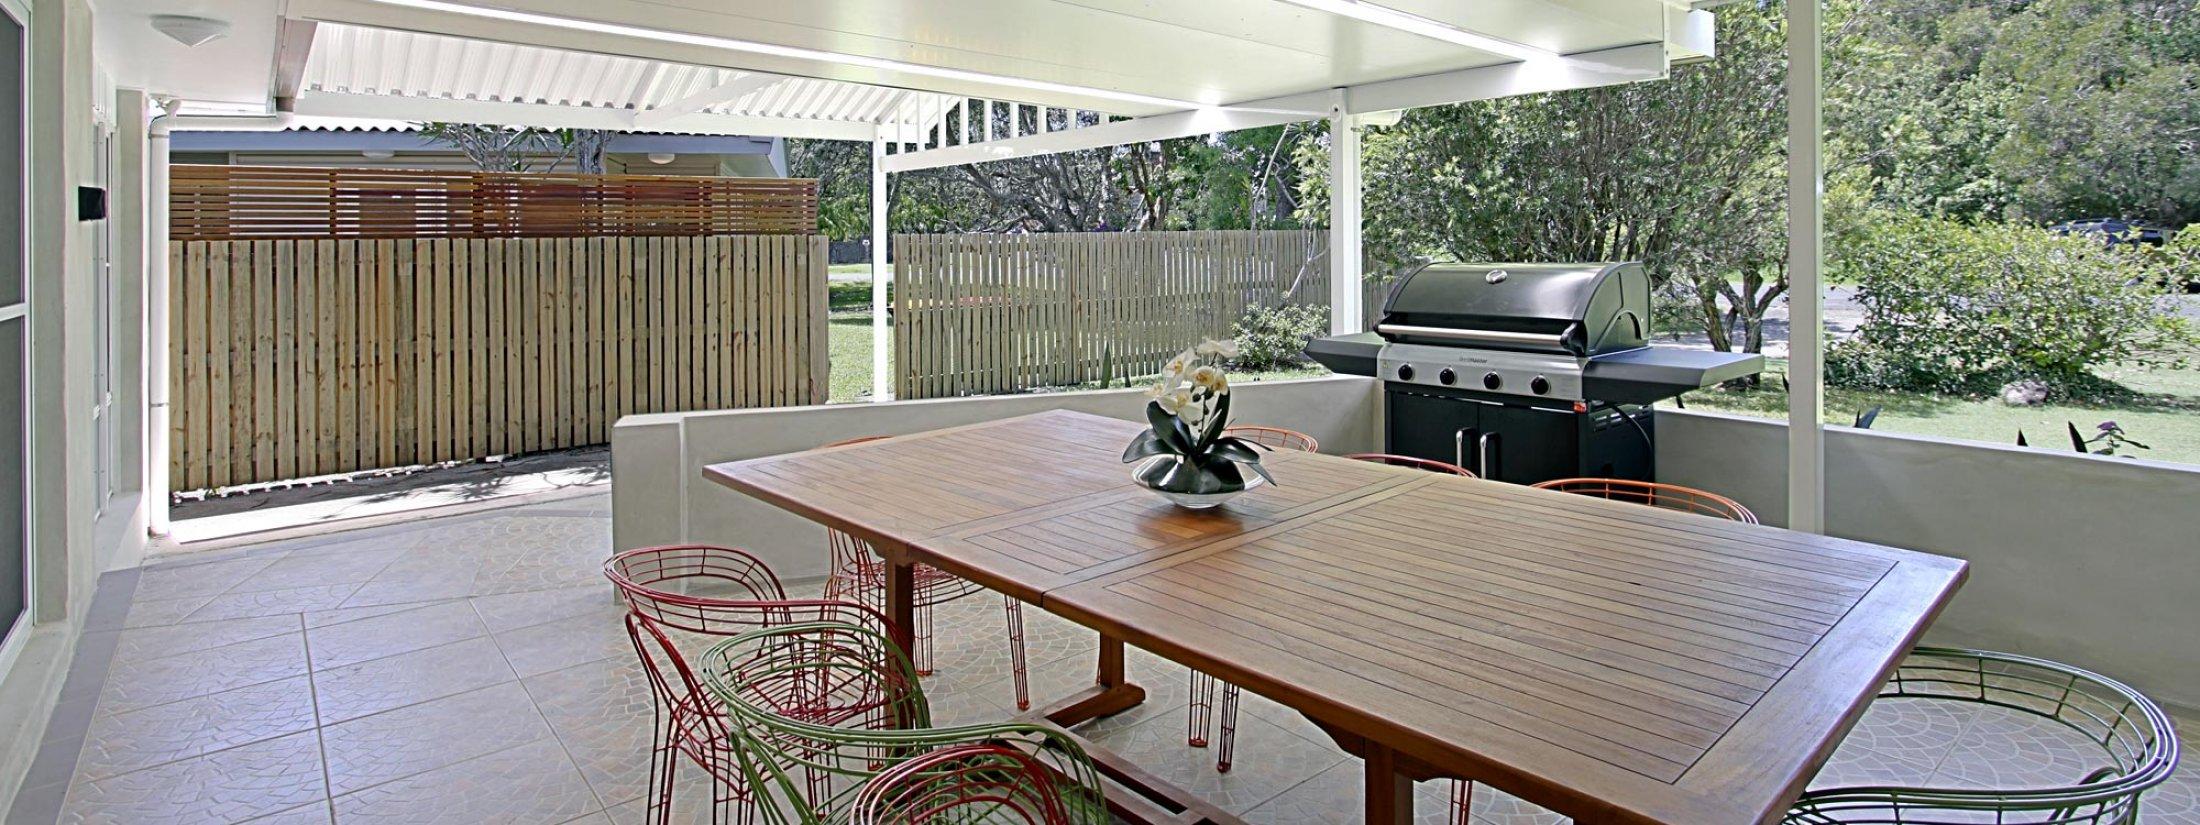 Mi Casa - Outdoor Dining & BBQ